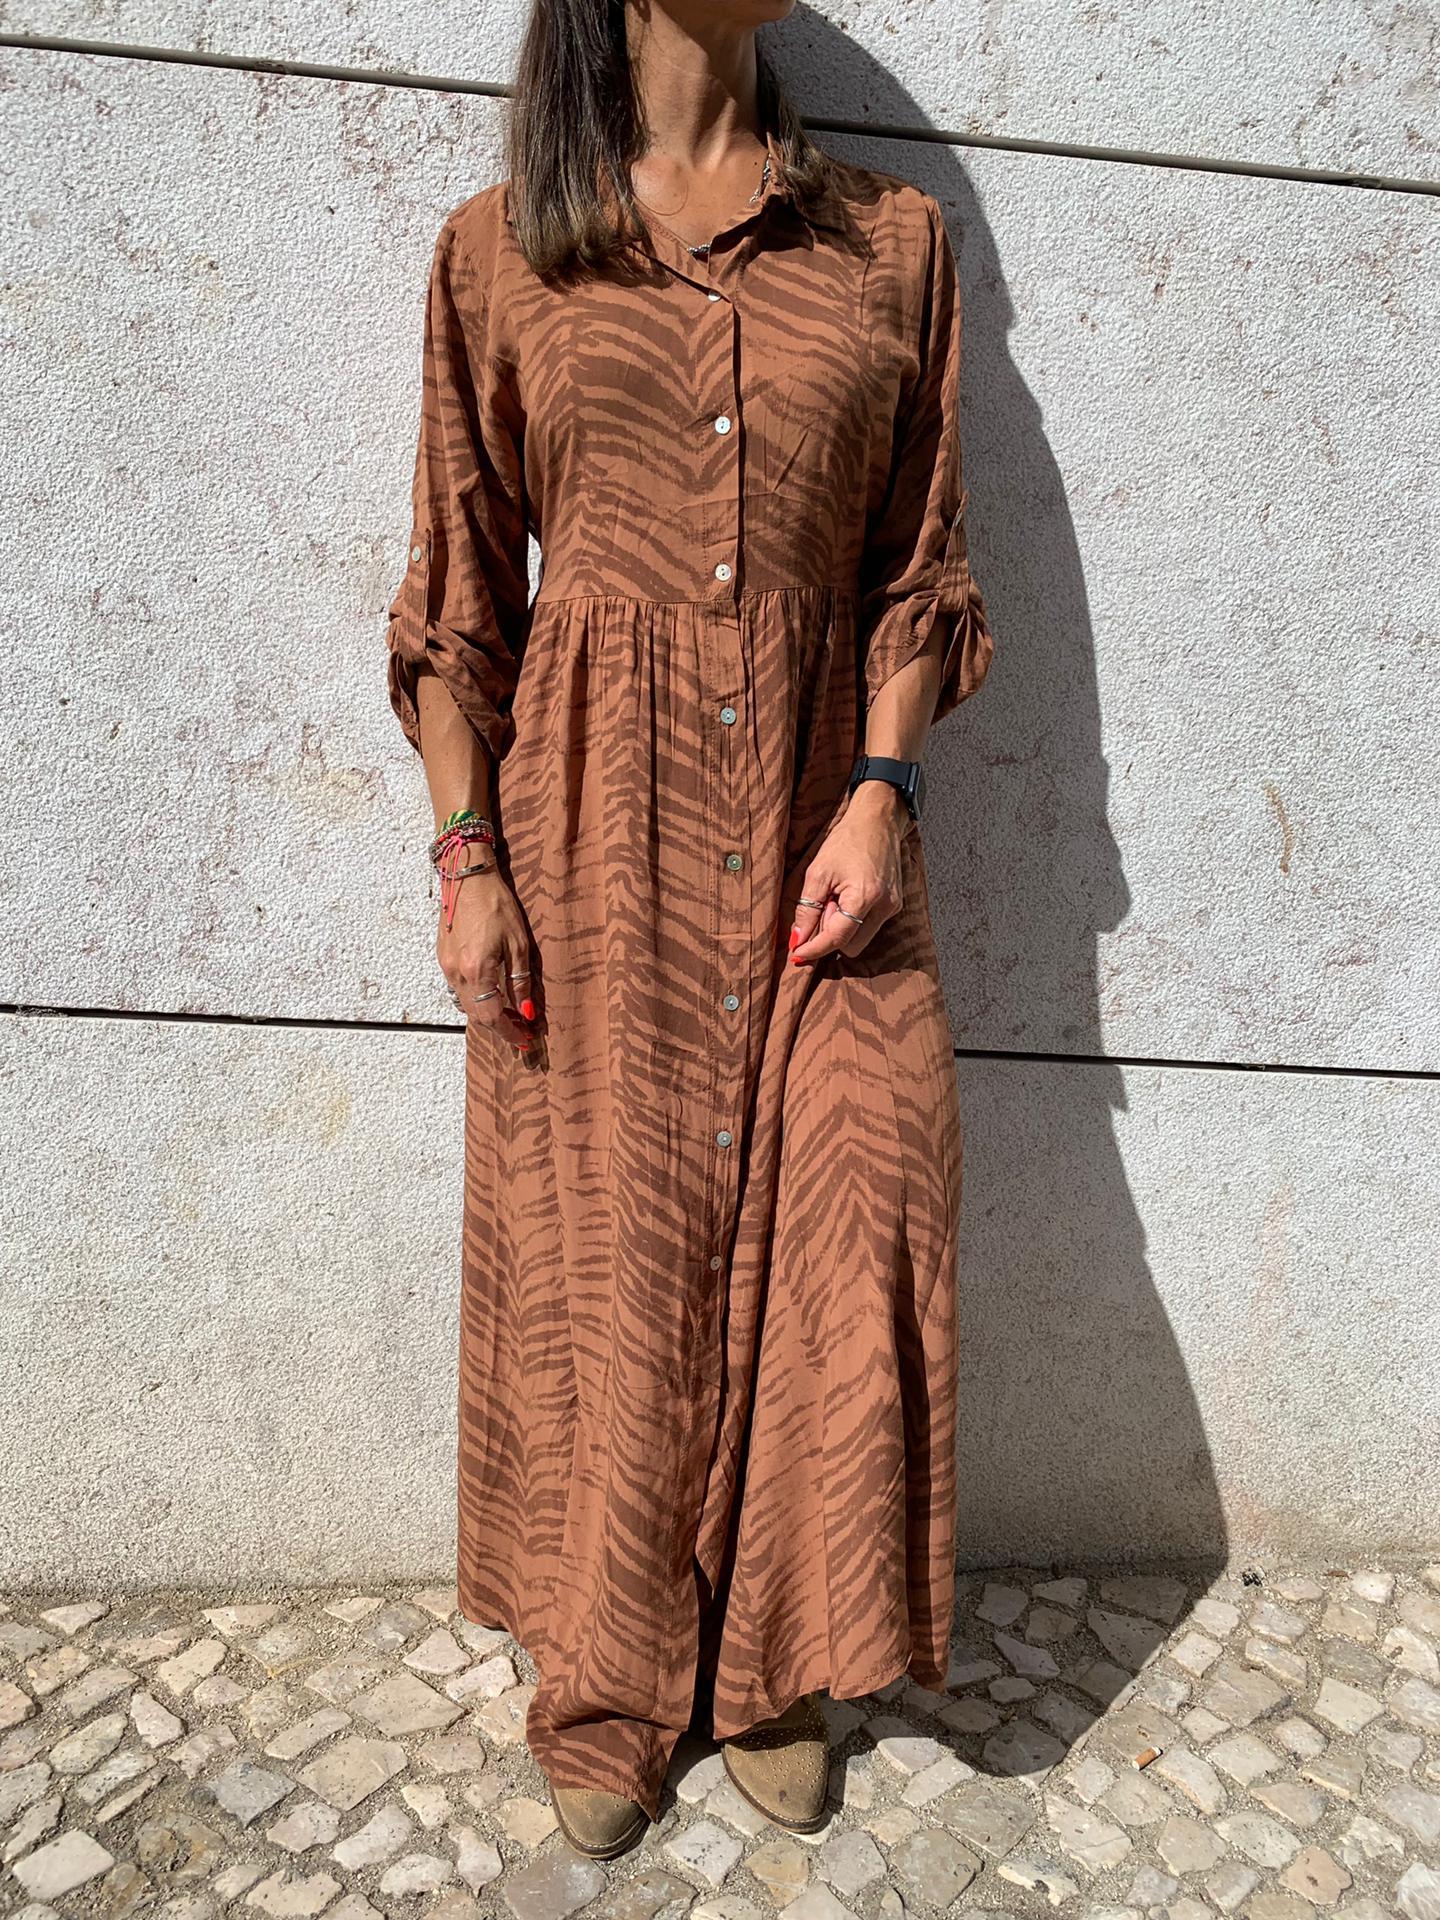 Vestido Comprido com Padrão Camel